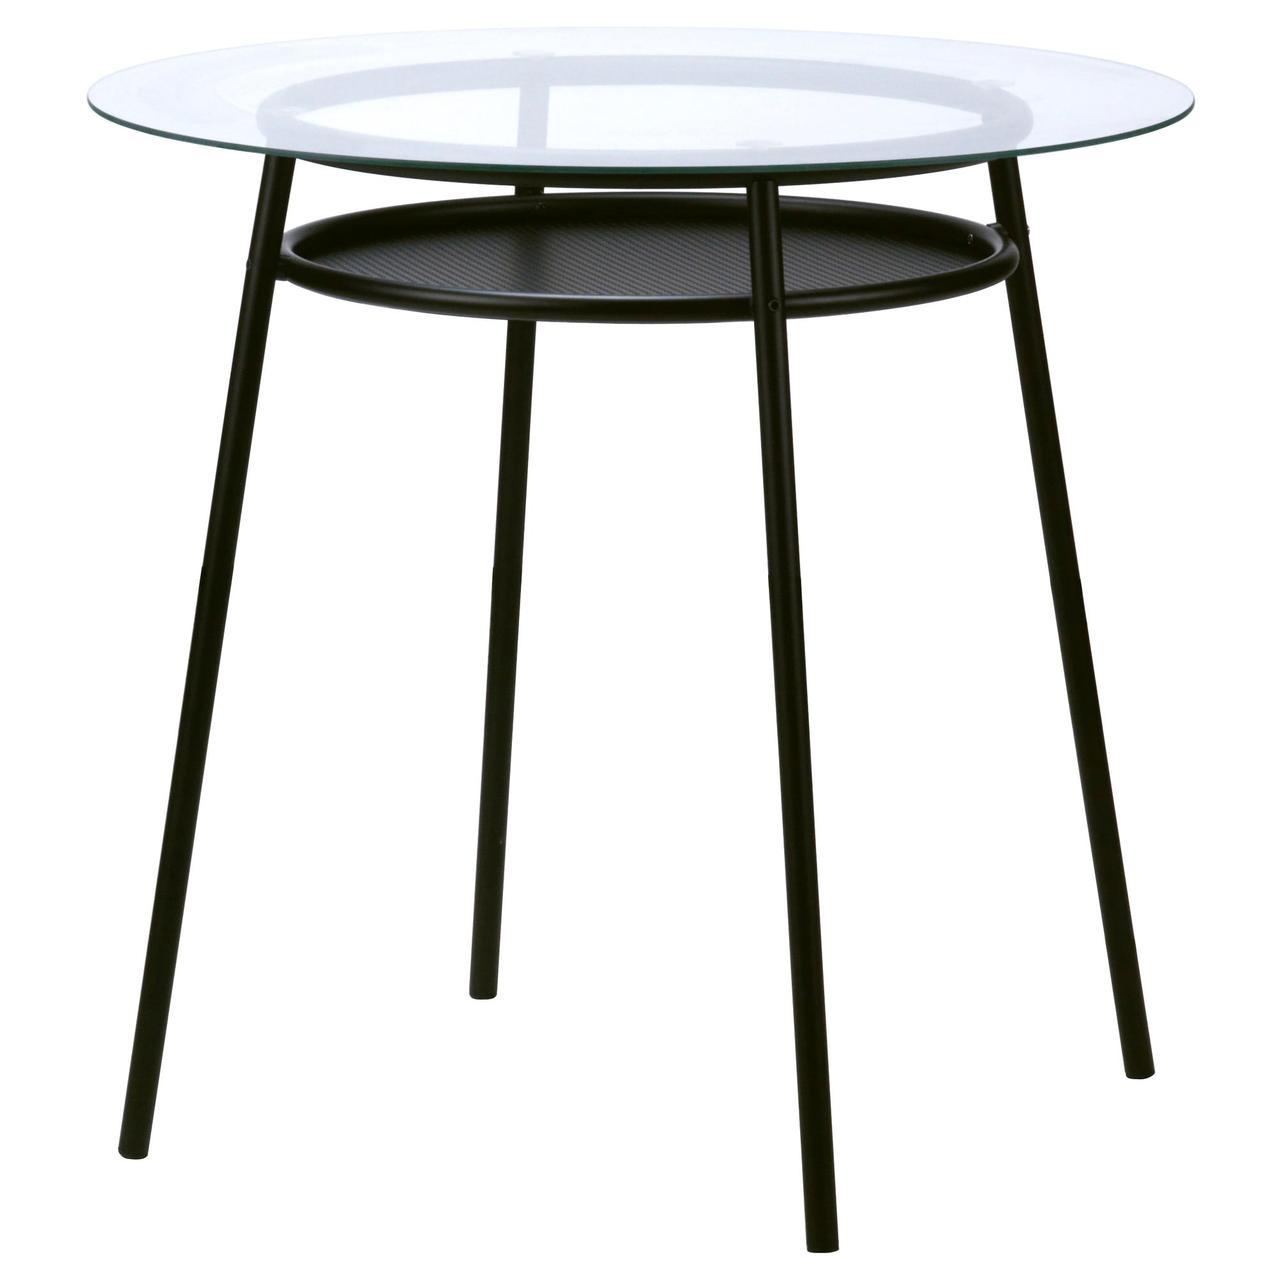 кухонный столик Ikea Allsta стеклянный металлический 70373529